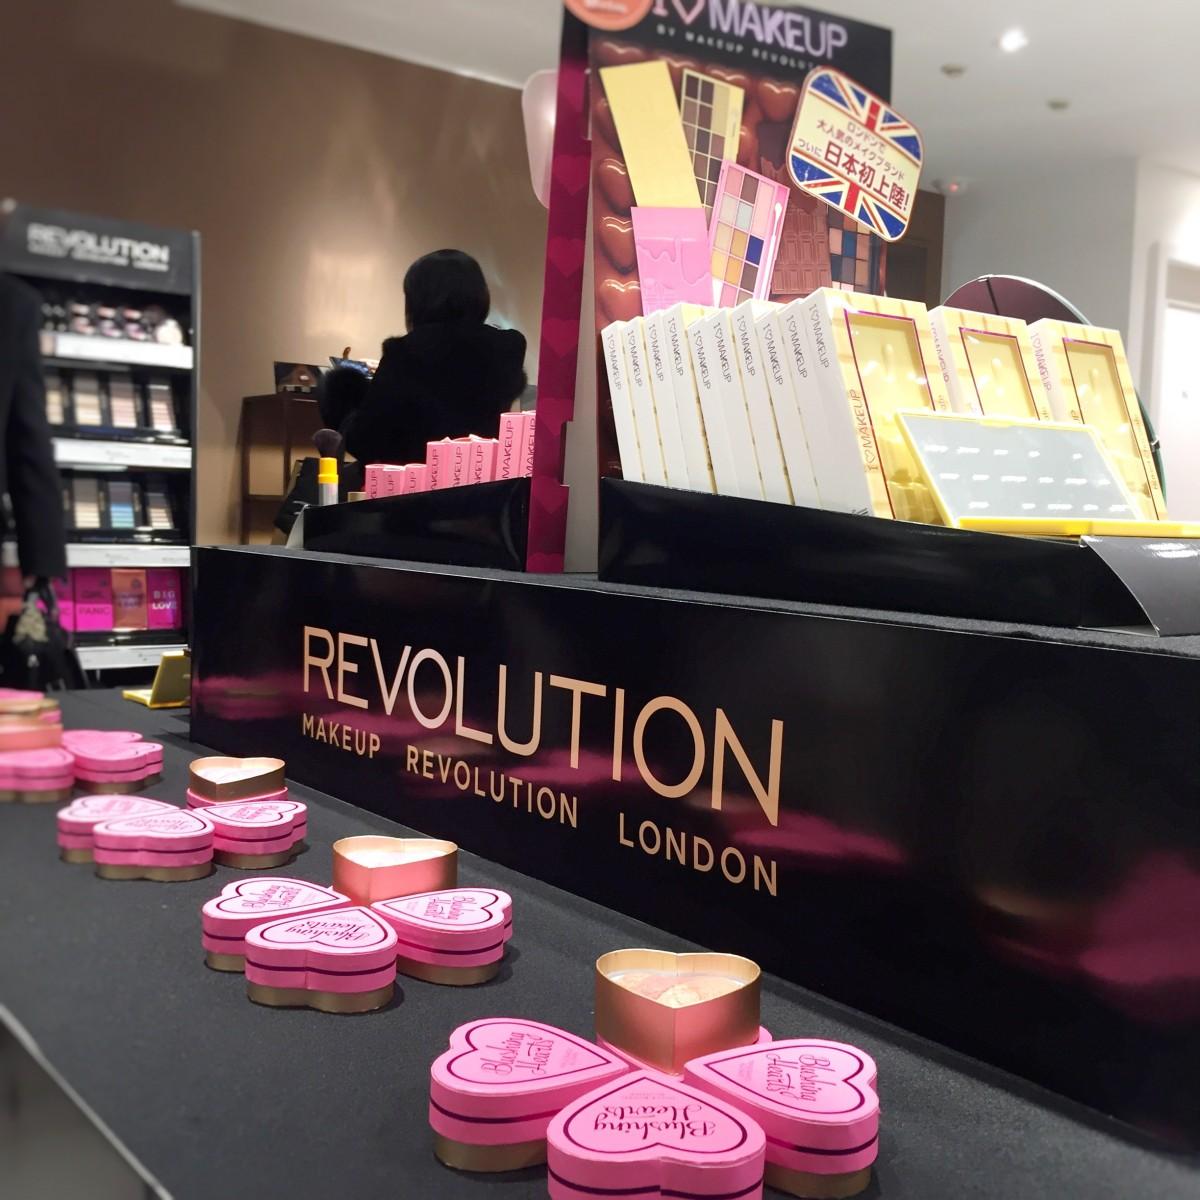 Makeup Revolution London(メイクアップ レボリューション ロンドン)とは